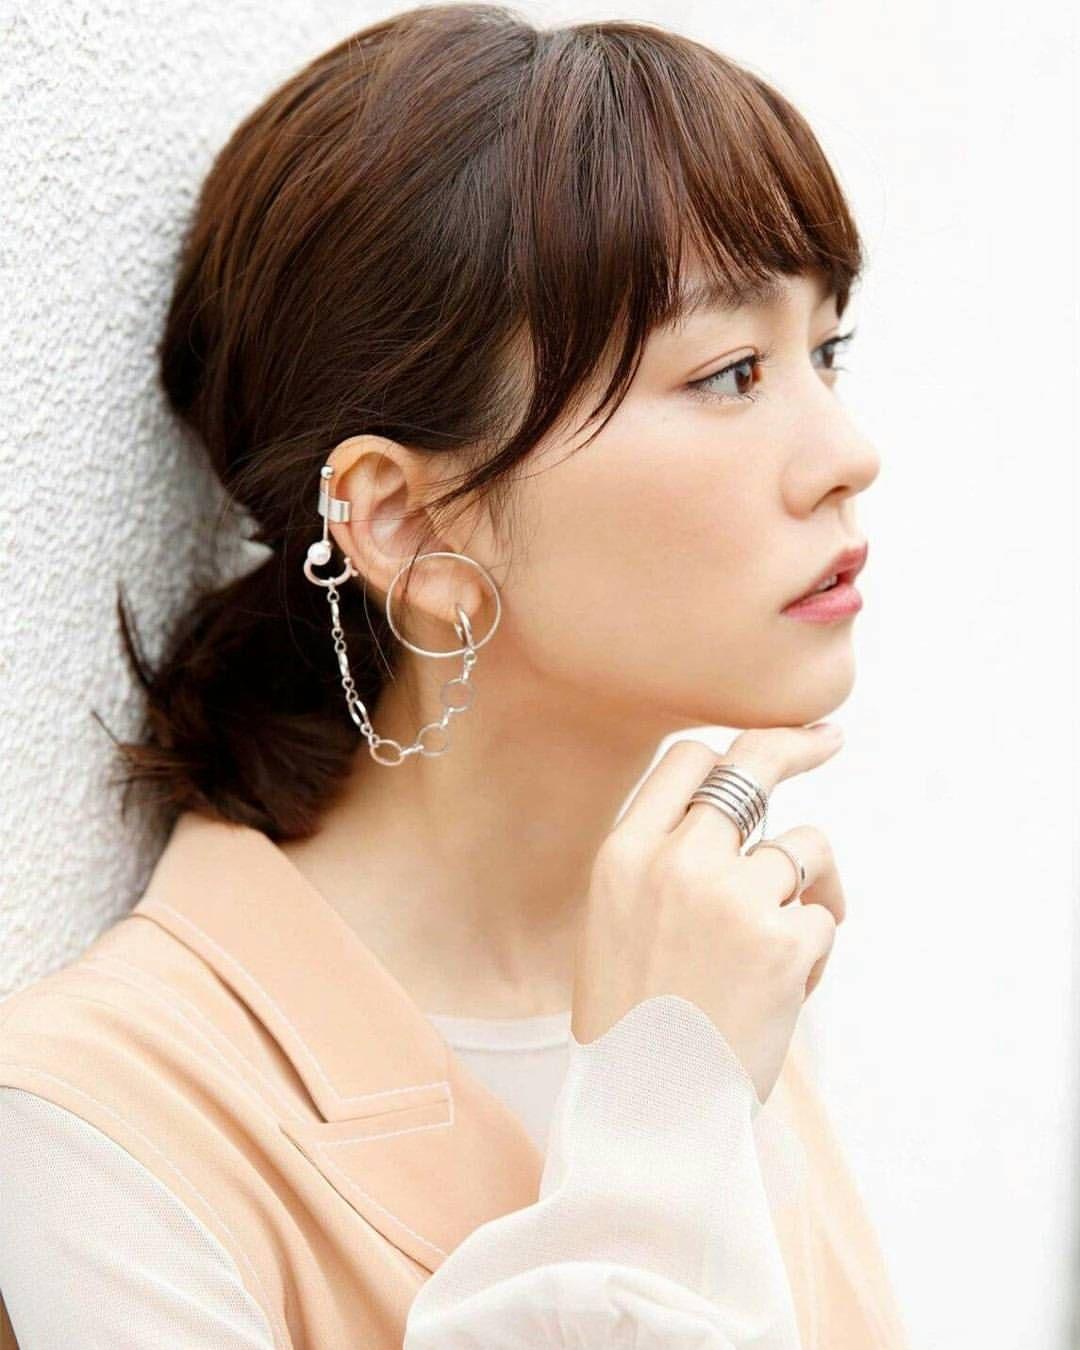 桐谷美玲 いいね!159件、コメント1件 ― 桐谷美玲ファンInstagramさん(